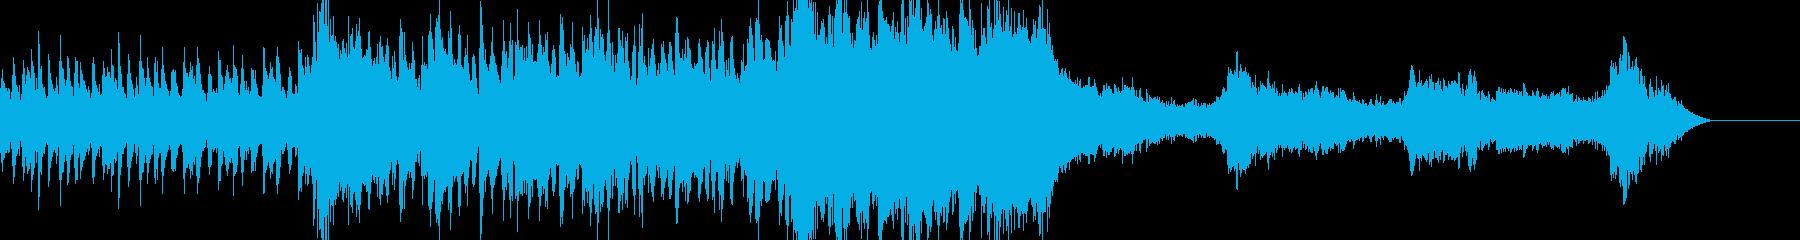 壮大で暗いファンタジー風ミュージックの再生済みの波形